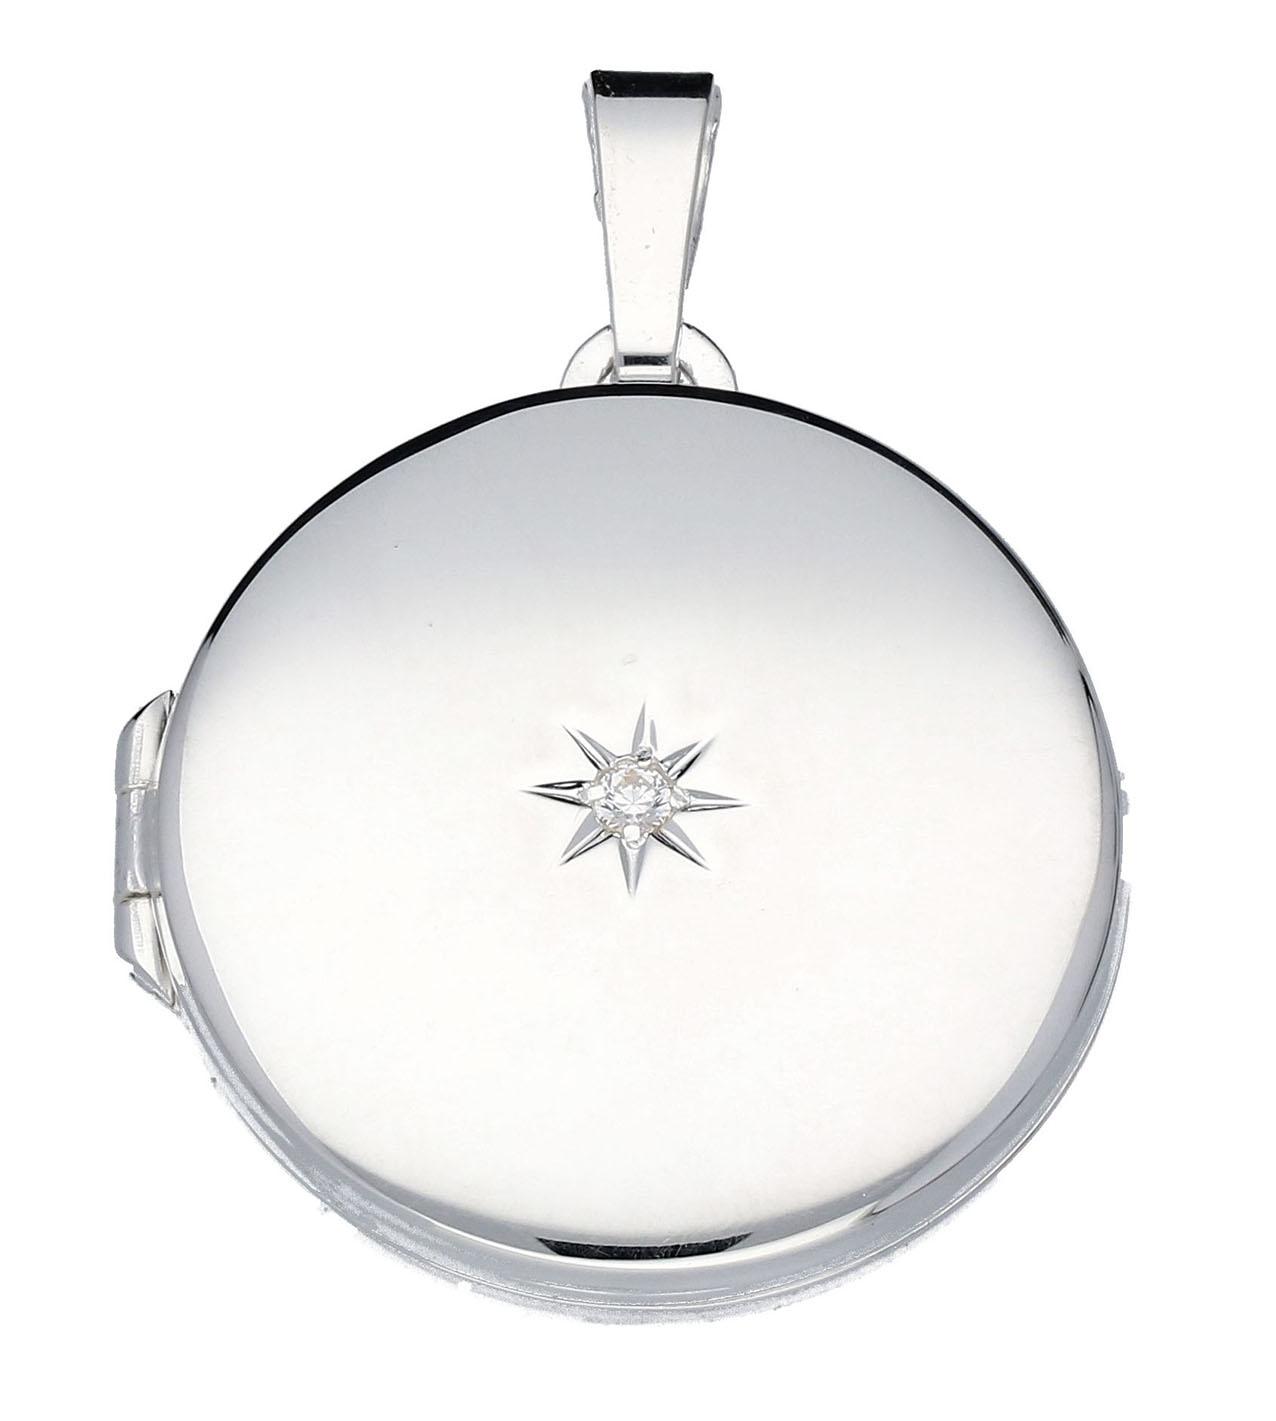 Zilveren Medaillon Rond met zirkonia 21.5 mm 145.0137.00